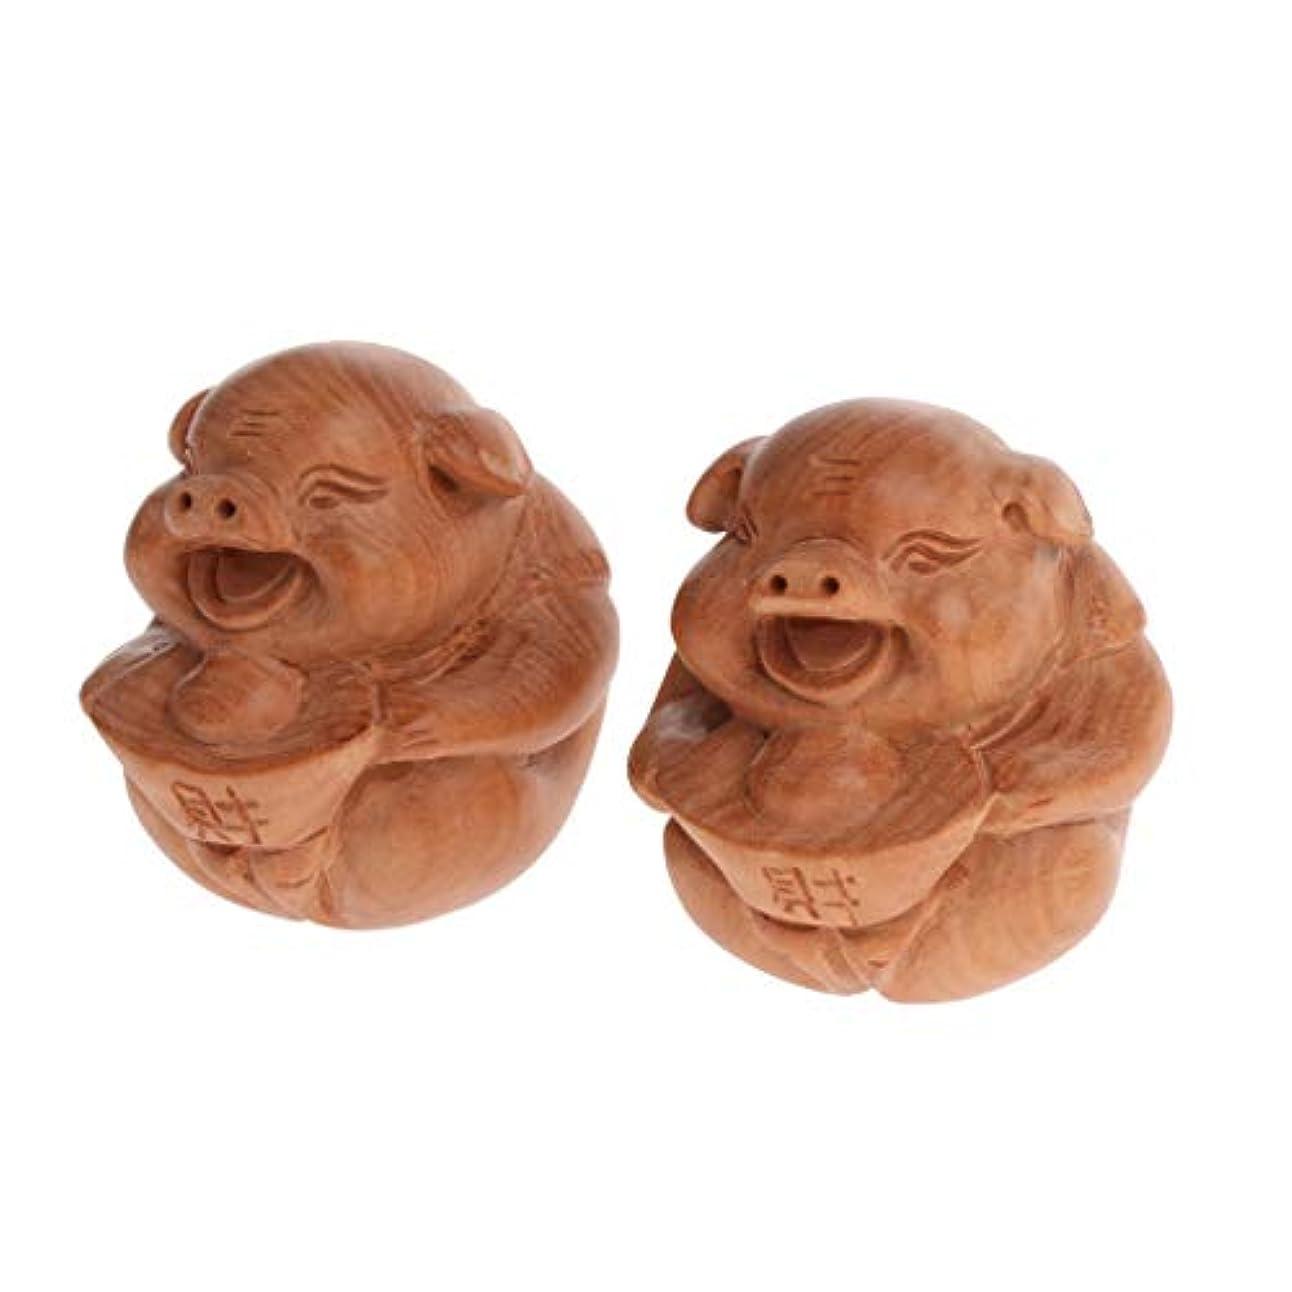 ボンド幻想的葉dailymall 1ペア木製中国健康運動ストレスリラクゼーション療法保定ボール